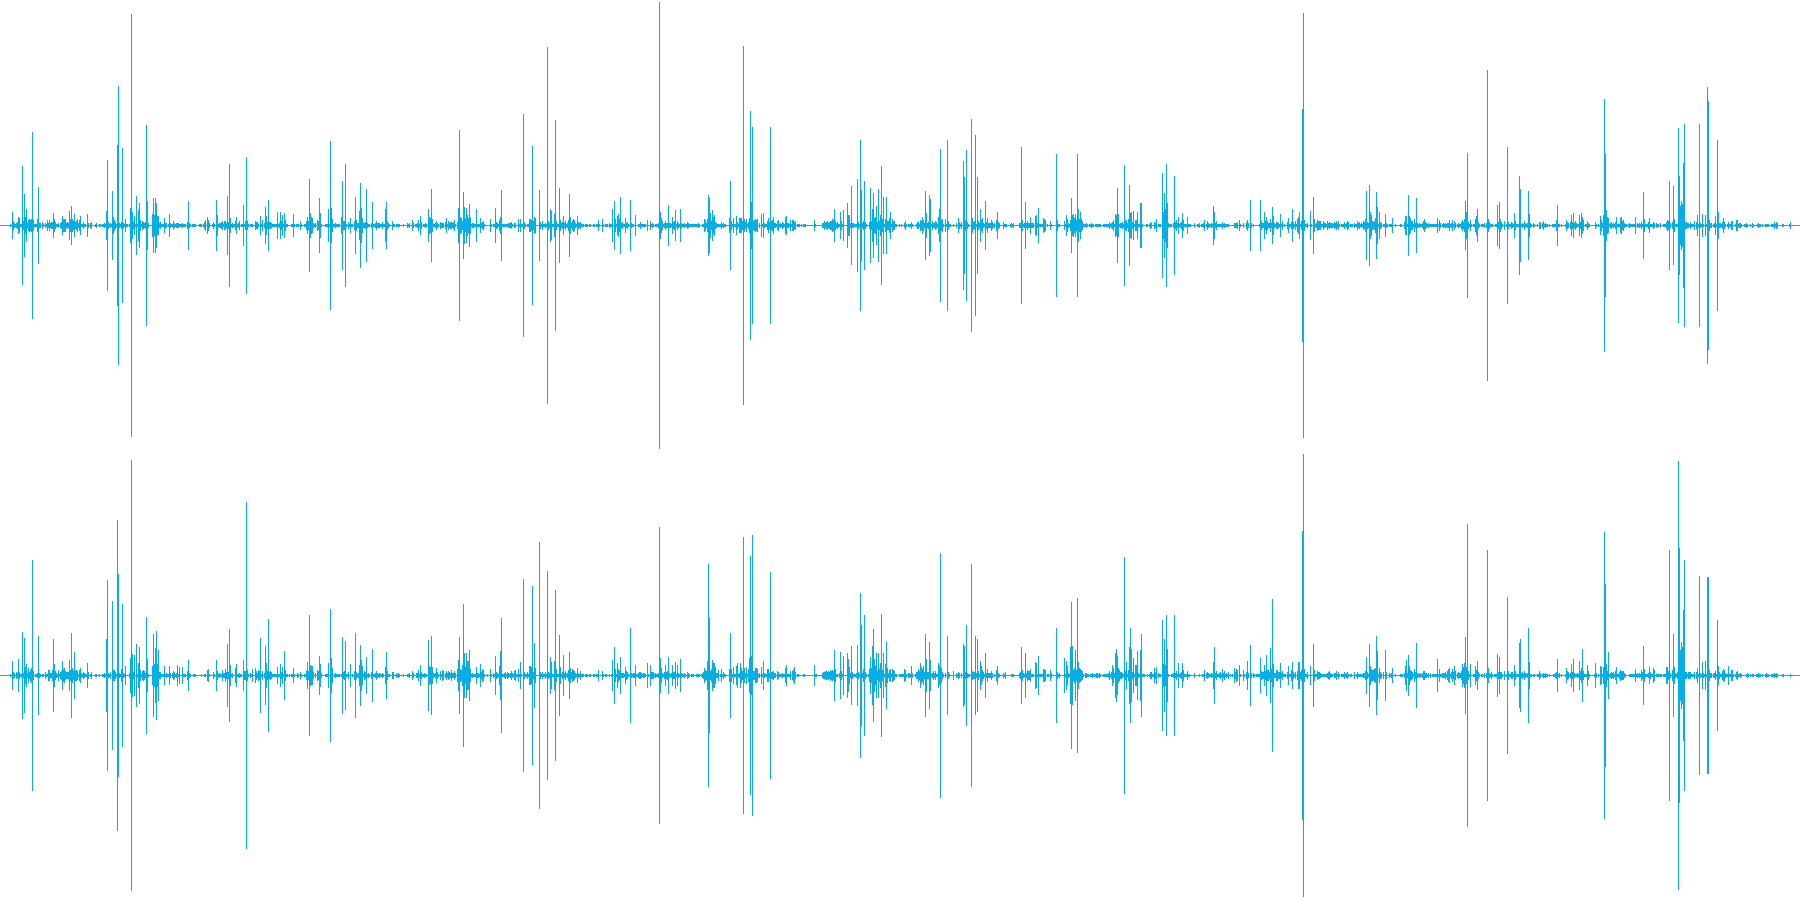 木 竹クラックシーケンス04の再生済みの波形